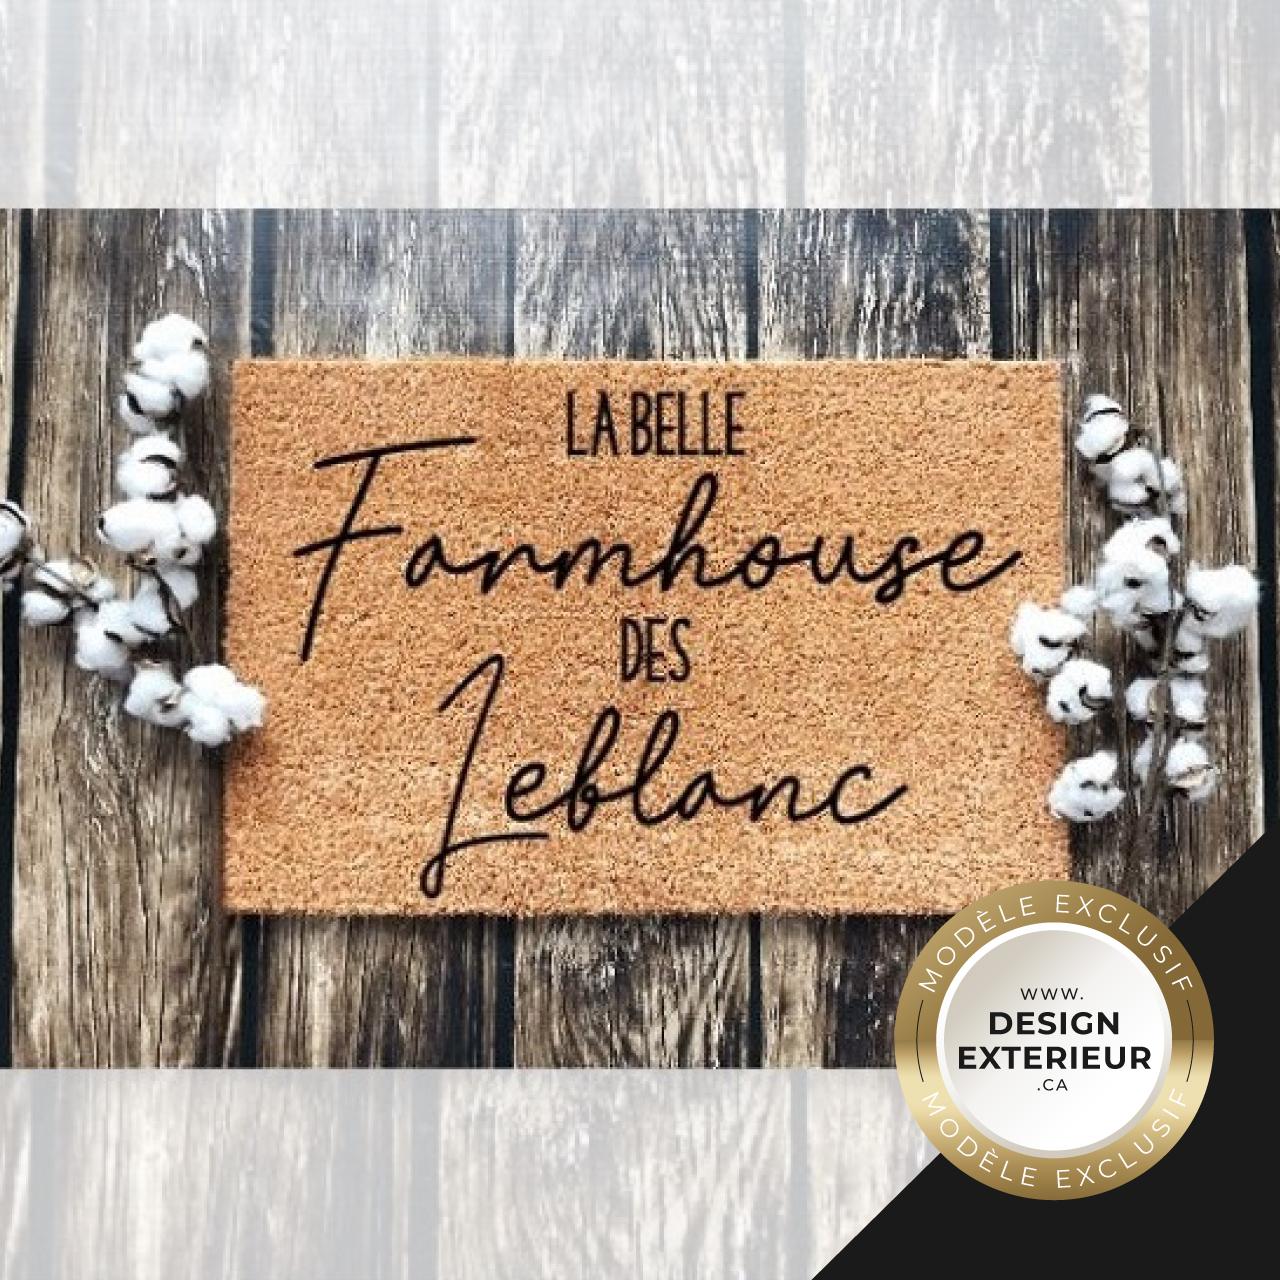 Paillasson Farmhouse personnalise Leblanc Design exterieur badge Exclusif